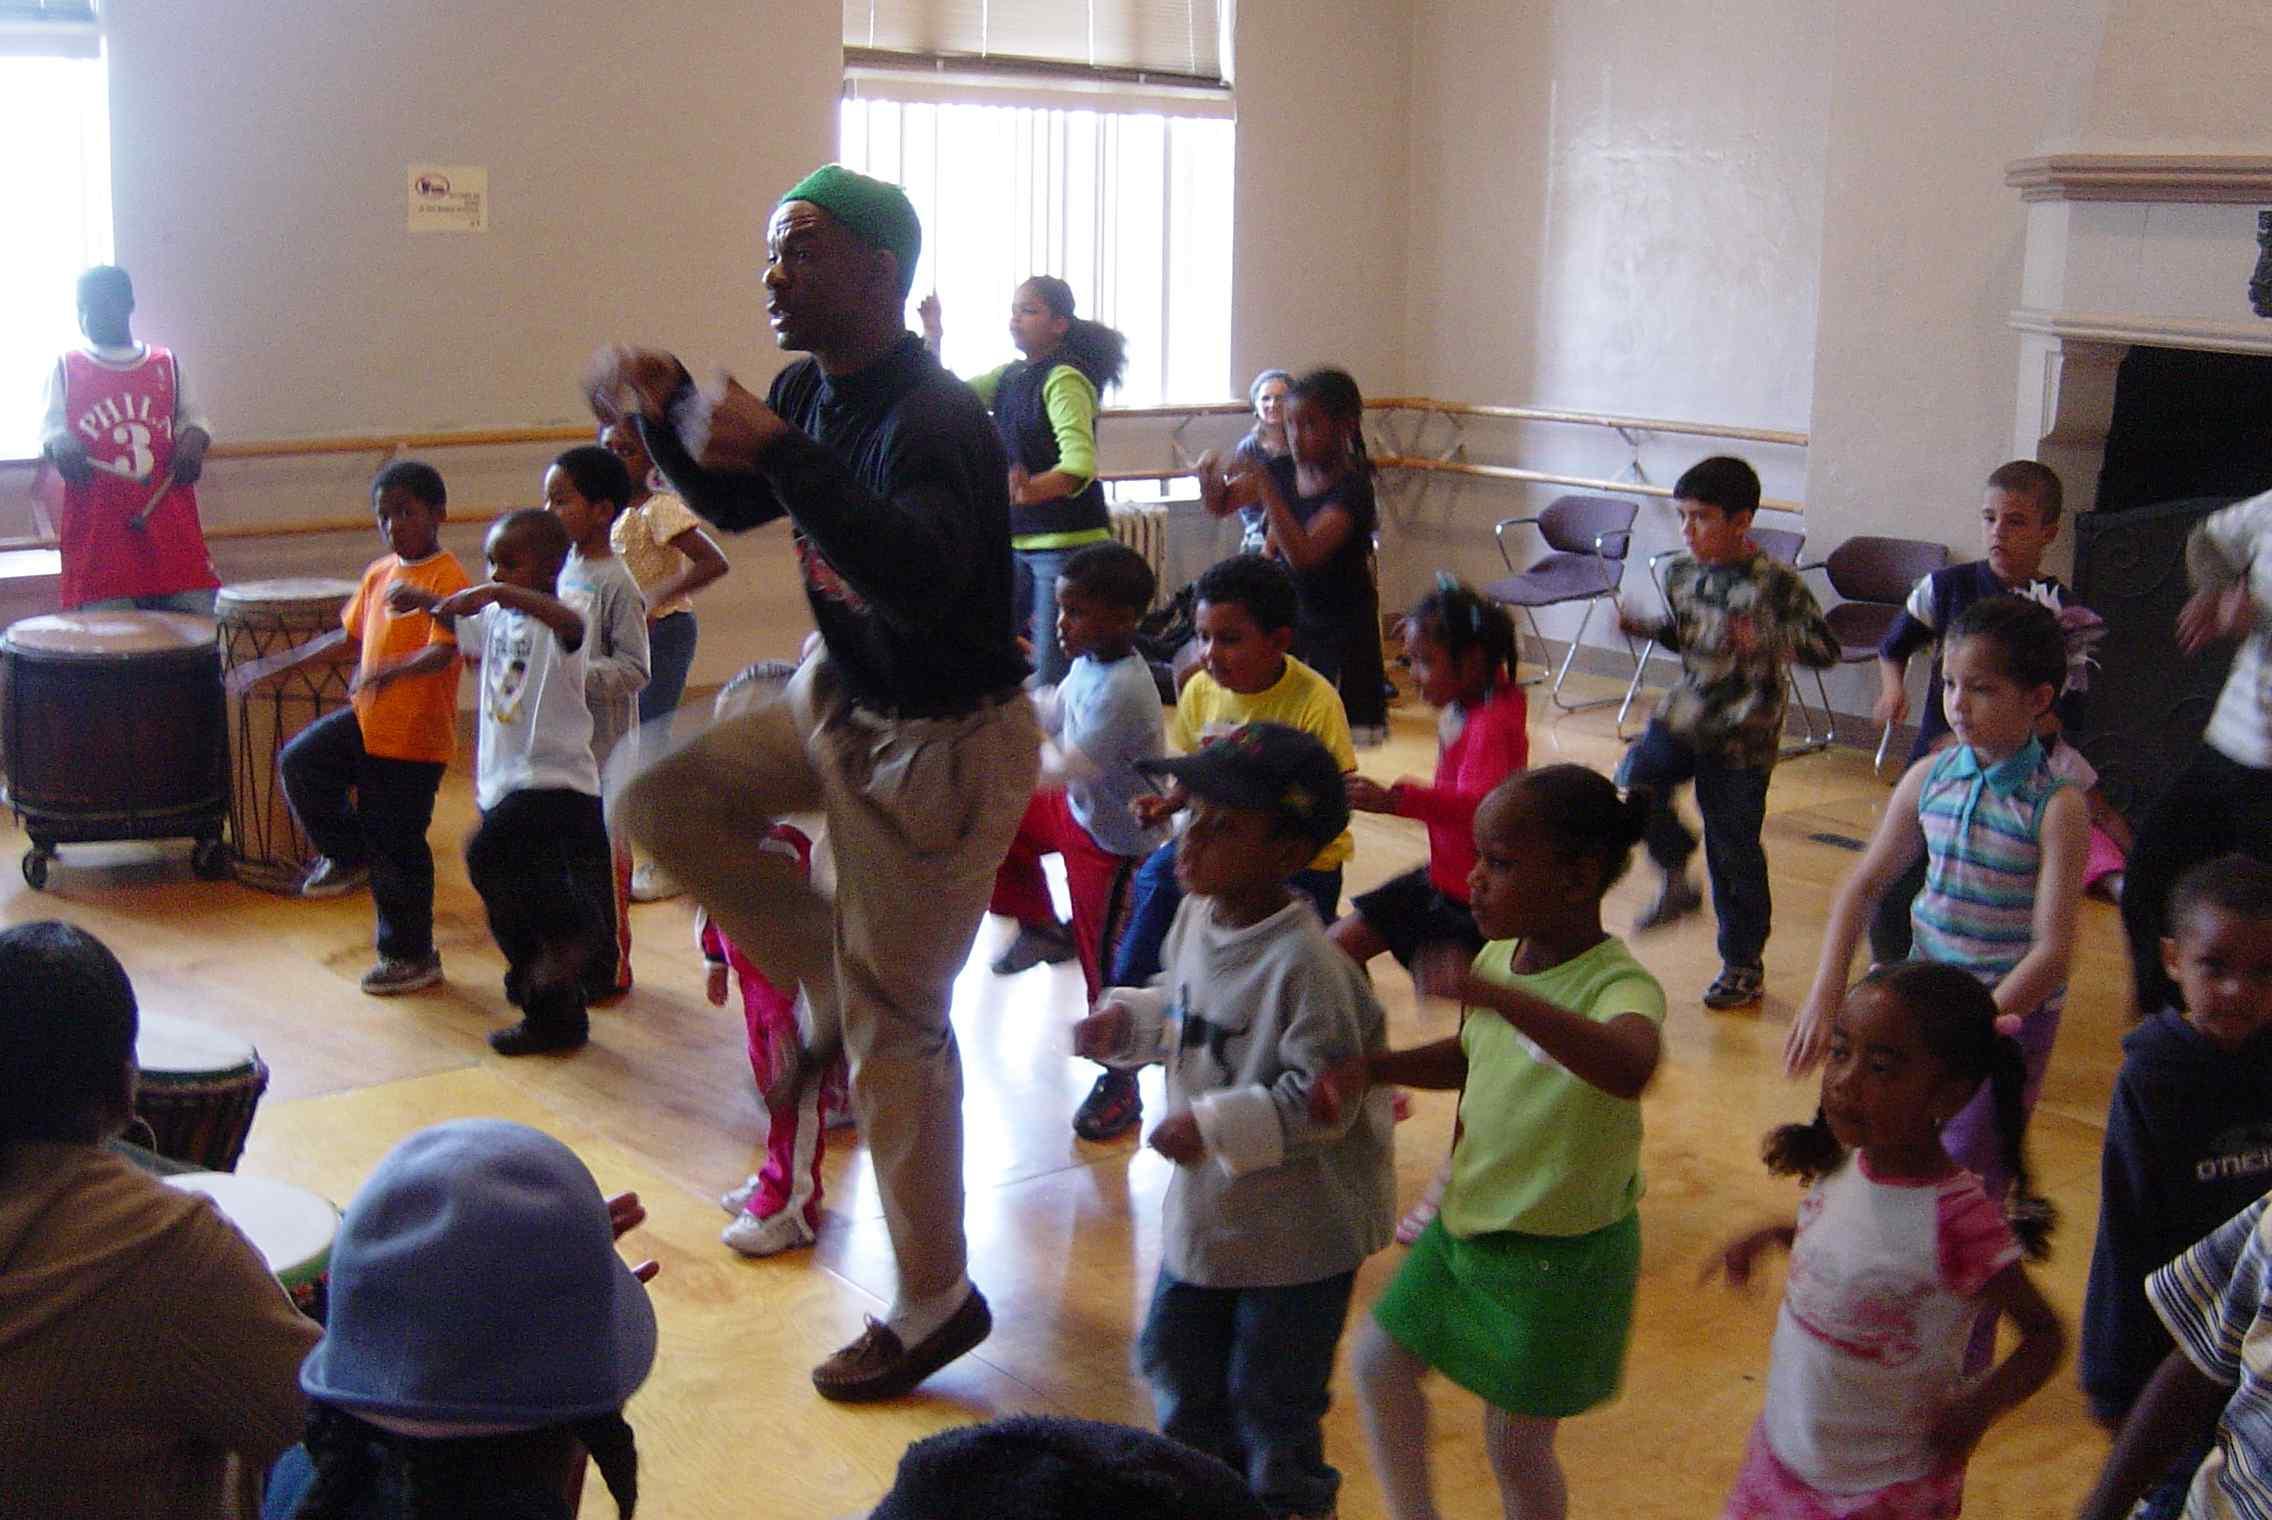 Tacuma King Teaching Dance to the Children in Flight Class